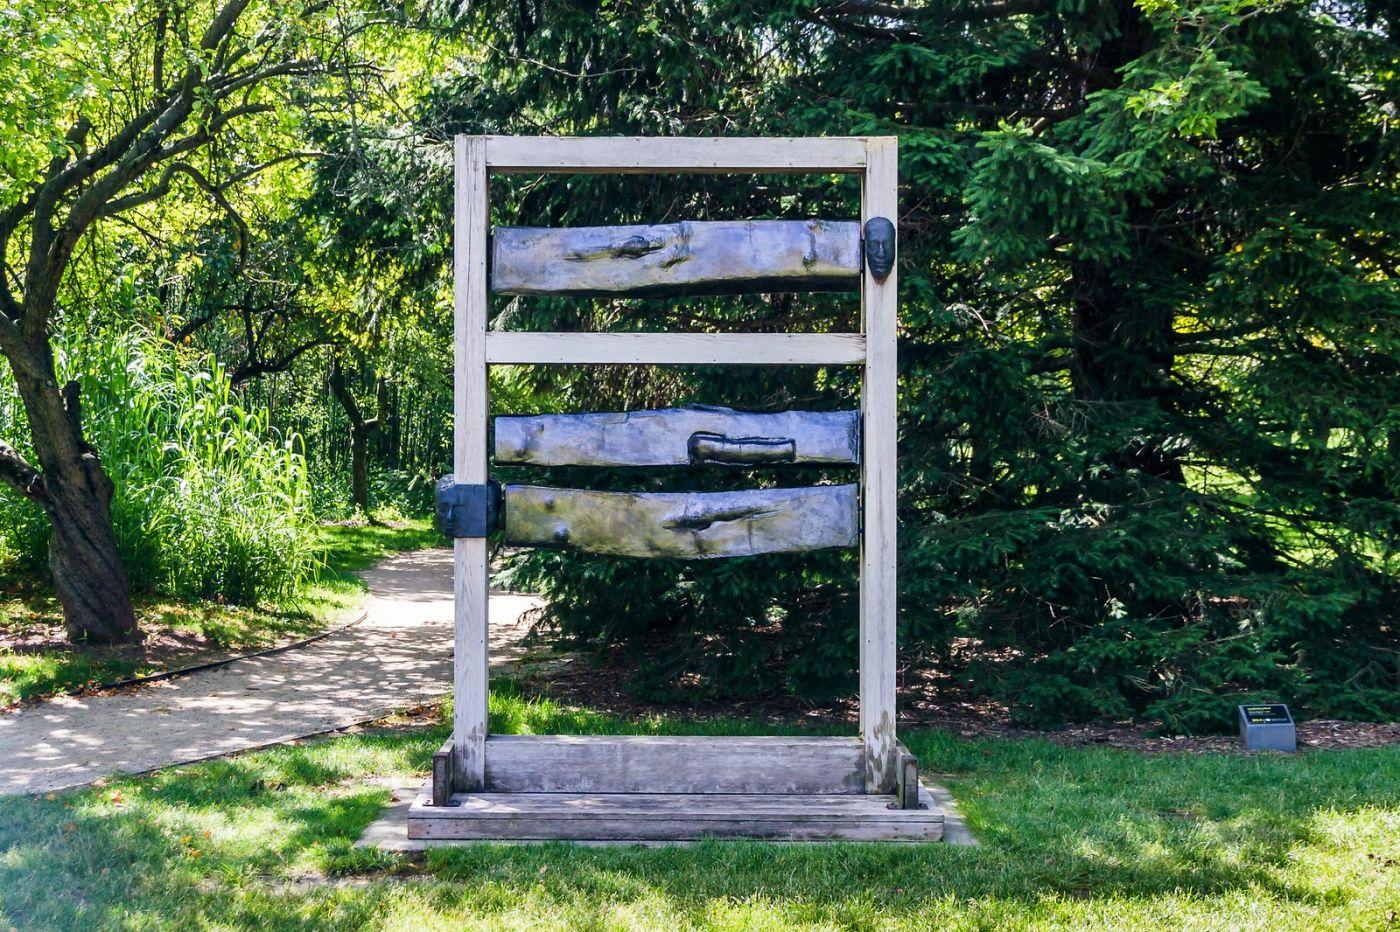 新澤西州雕塑公園(Grounds for scuplture),題材很廣_圖1-7